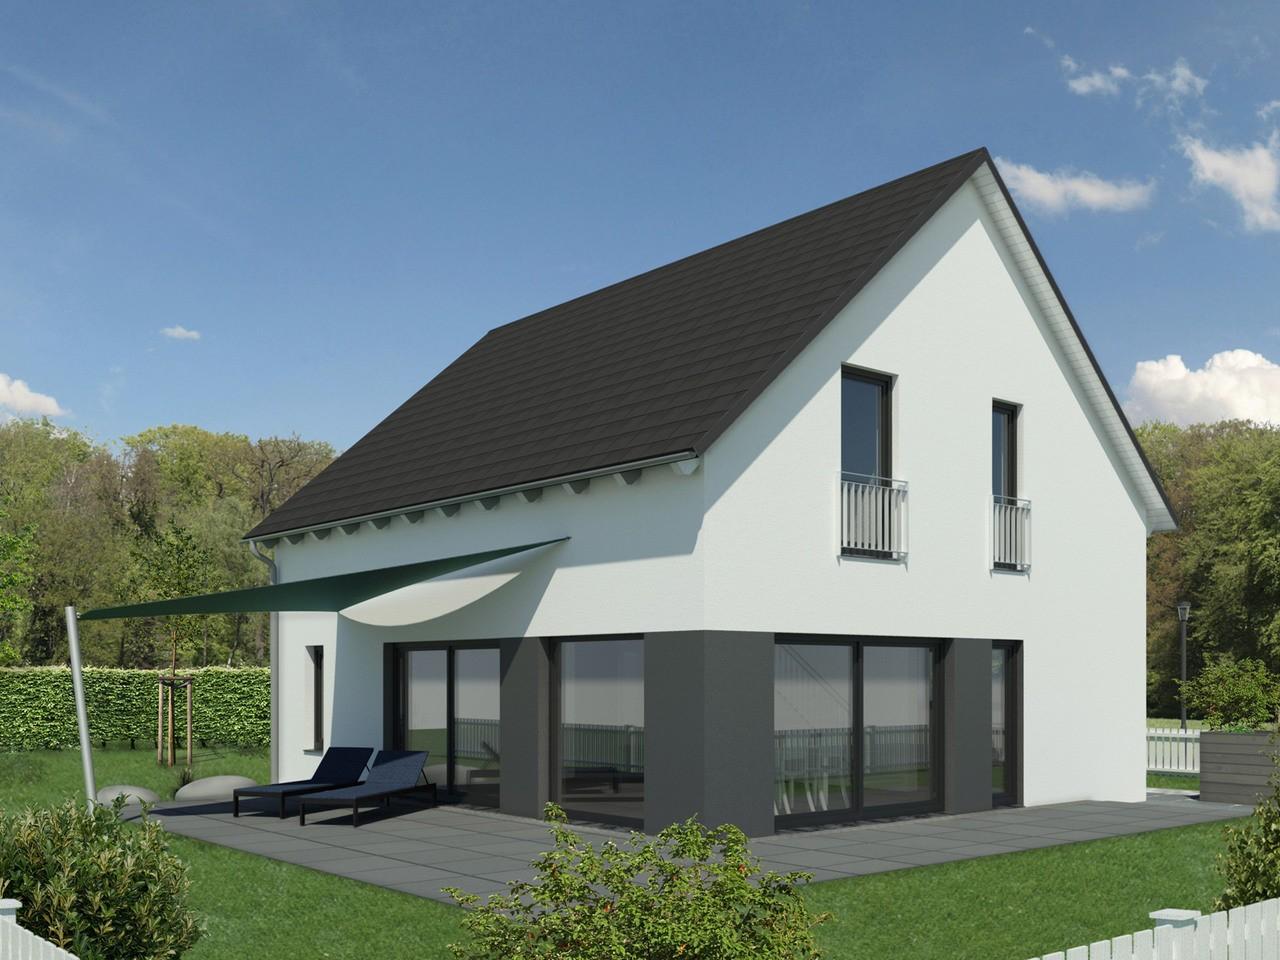 Einfamilienhaus Chausseestraße 132 - Ansicht 1